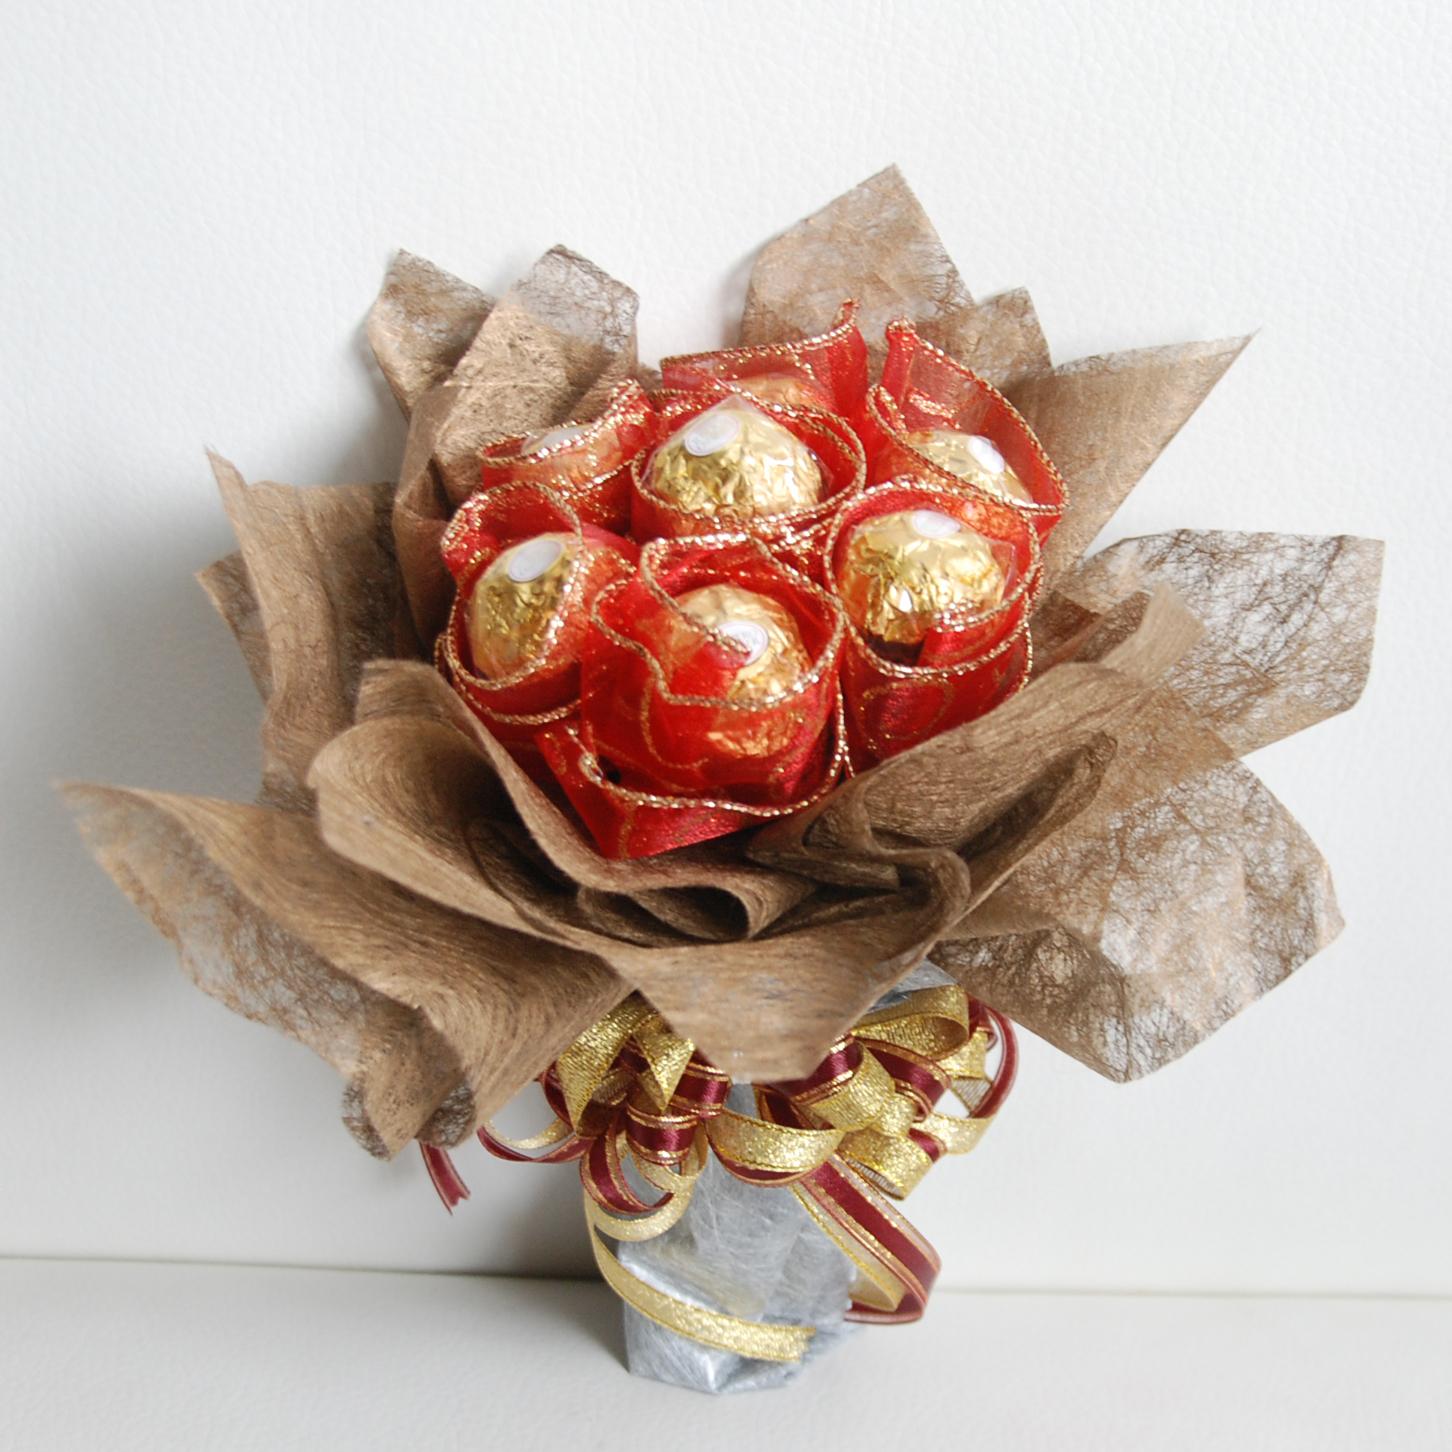 【巧繪網-G020038華麗約會】精緻金莎七顆包裝mini金莎花束送禮輕巧可愛傳情花束